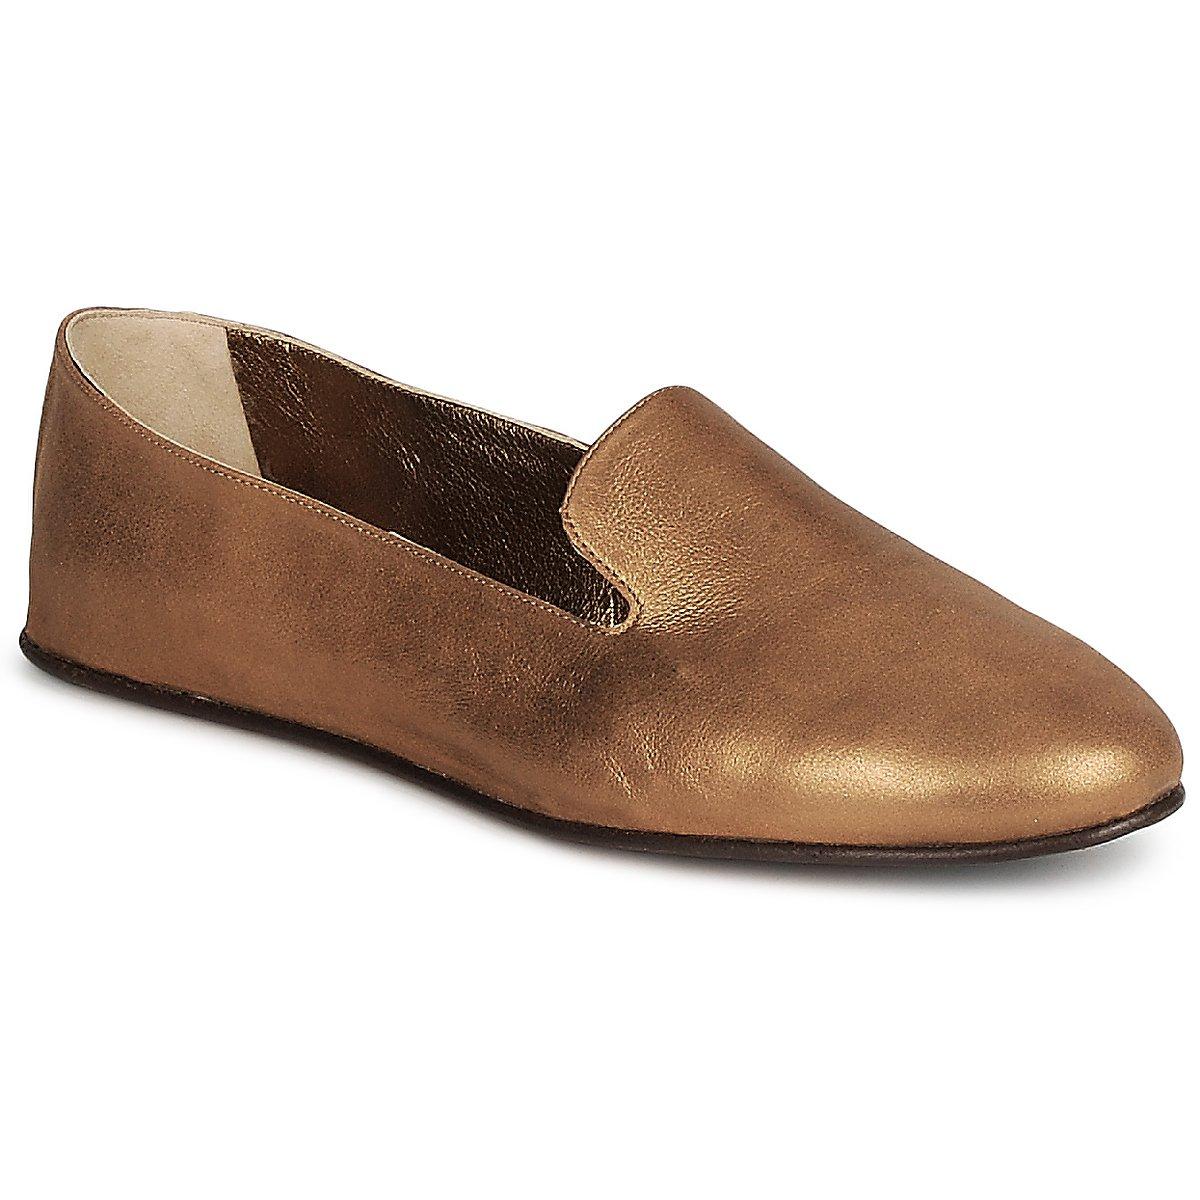 Rochas NITOU Bronze - Kostenloser Versand bei Spartoode ! - Schuhe Slipper Damen 144,50 €